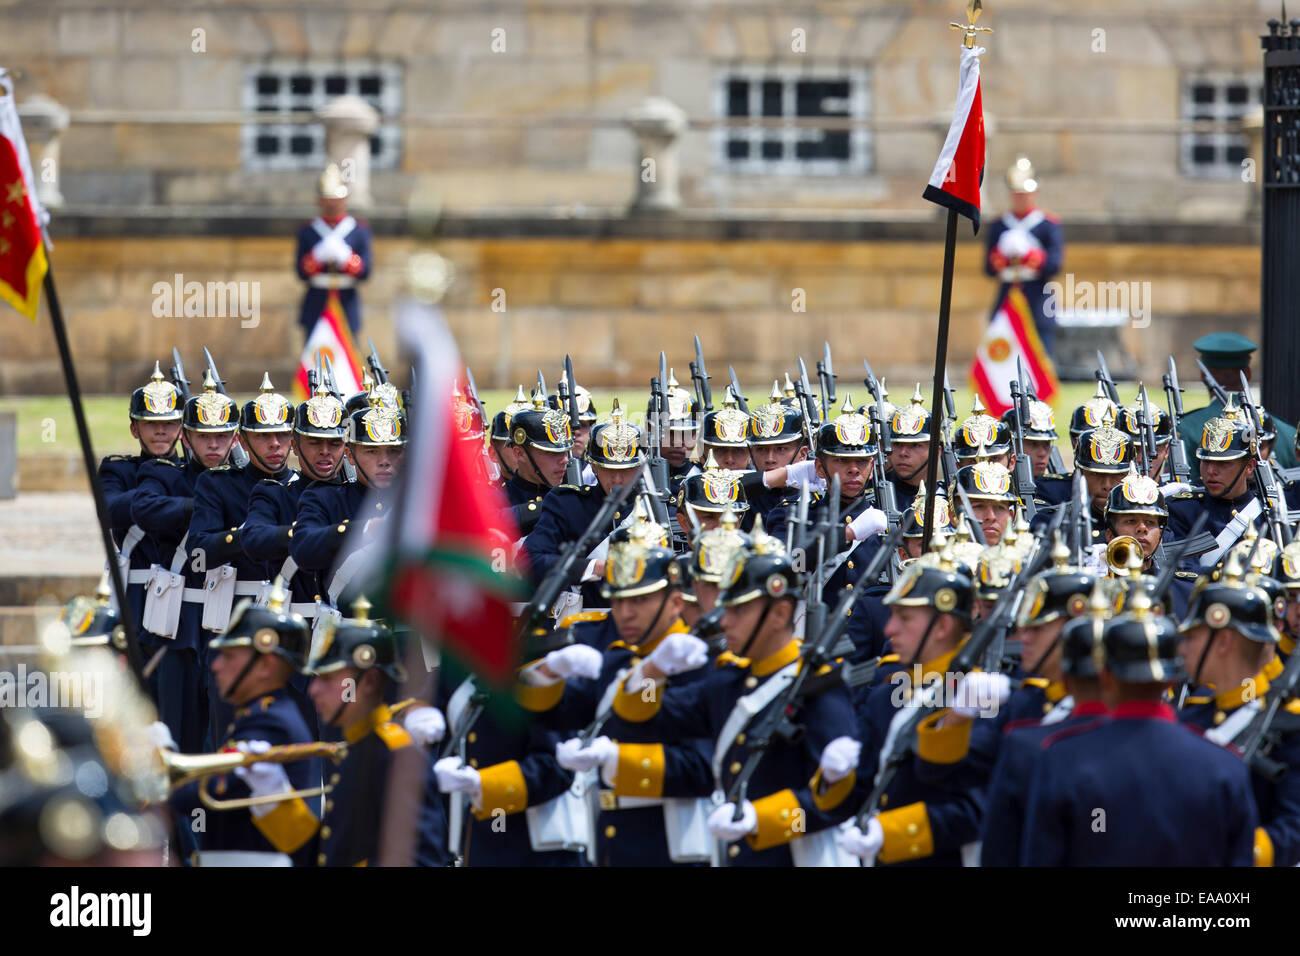 El ceremonial de la guardia presidencial colombiana en un desfile en el Palacio de los presidentes en Bogotá, Imagen De Stock